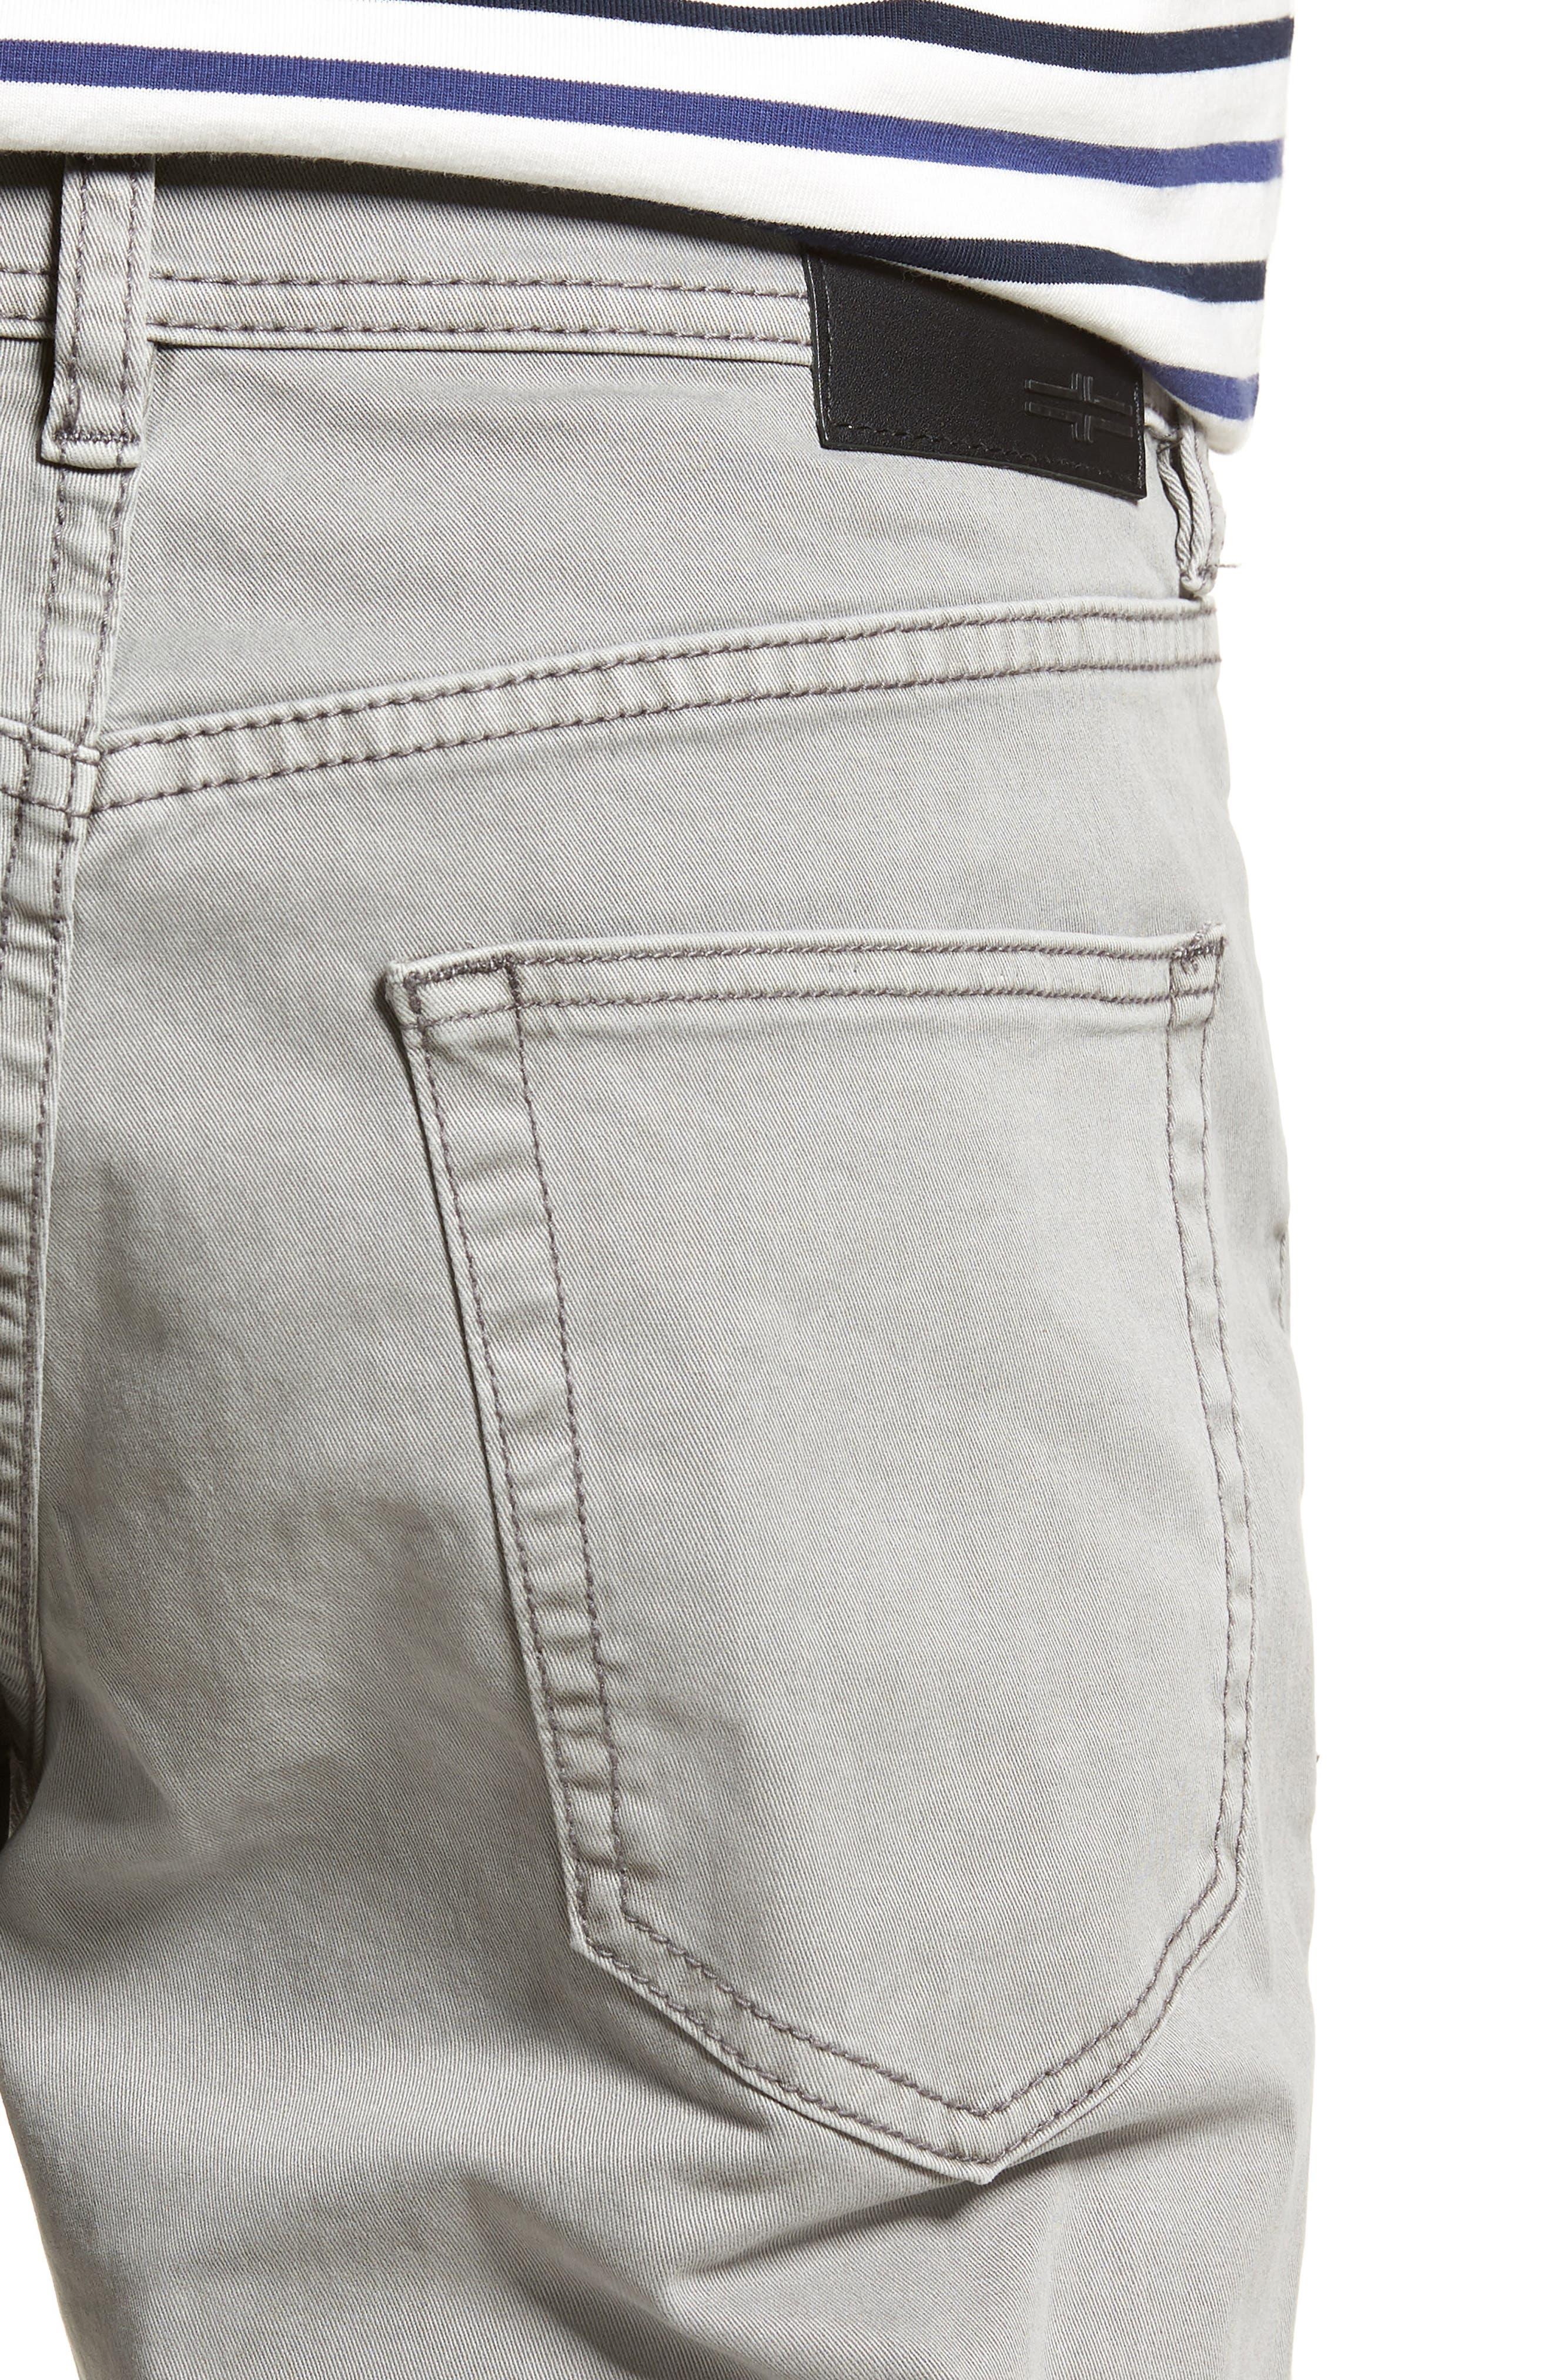 Jeans Co. Slim Straight Leg Jeans,                             Alternate thumbnail 4, color,                             Sharkskin